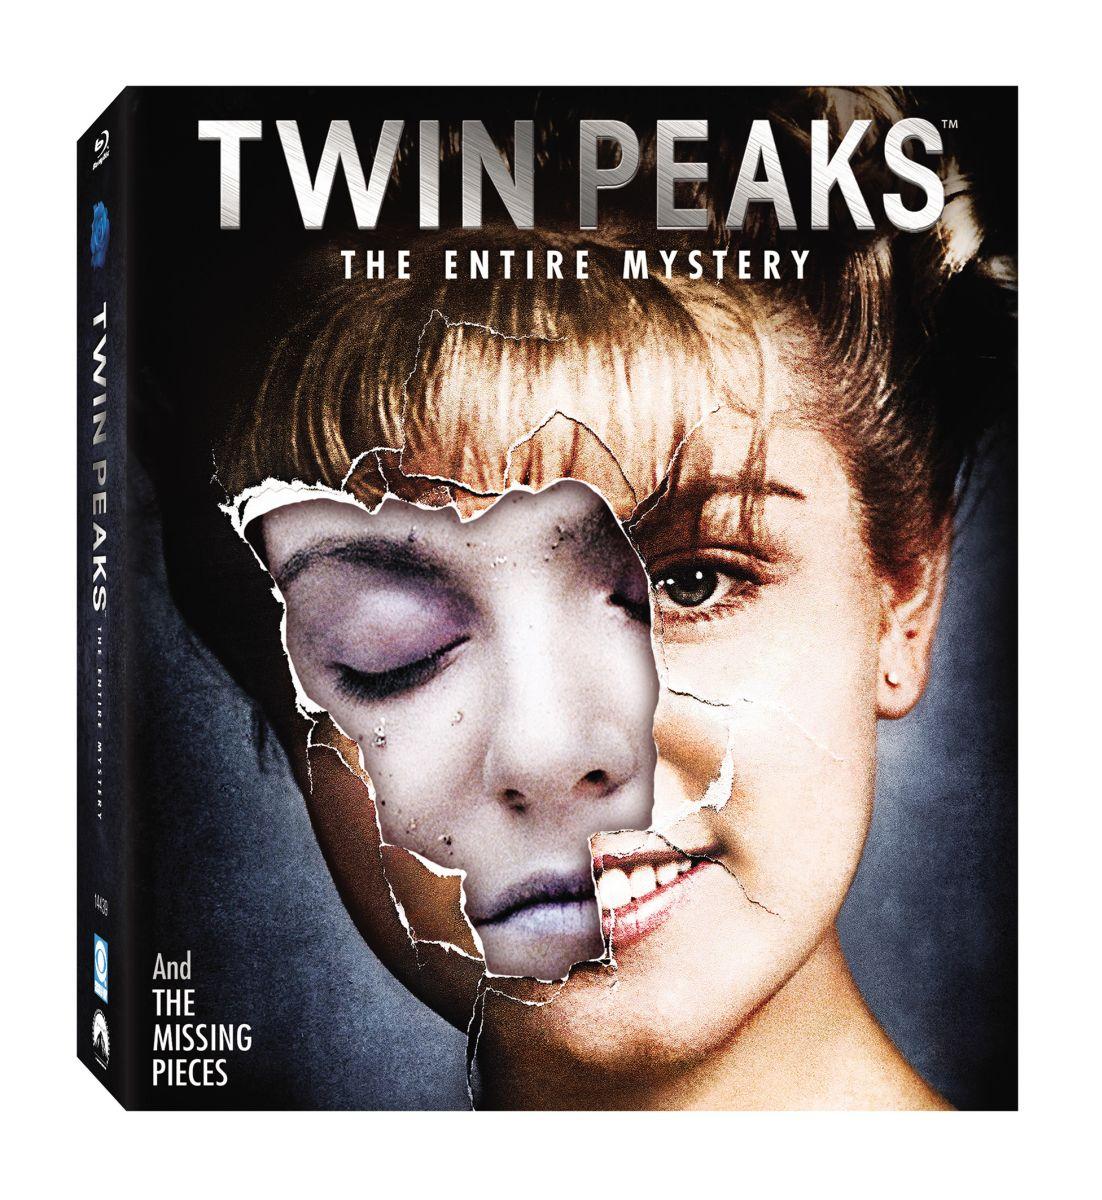 ツイン・ピークス 完全なる謎 Blu-ray BOX【数量限定生産】[PPWB-135229][Blu-ray/ブルーレイ] 製品画像